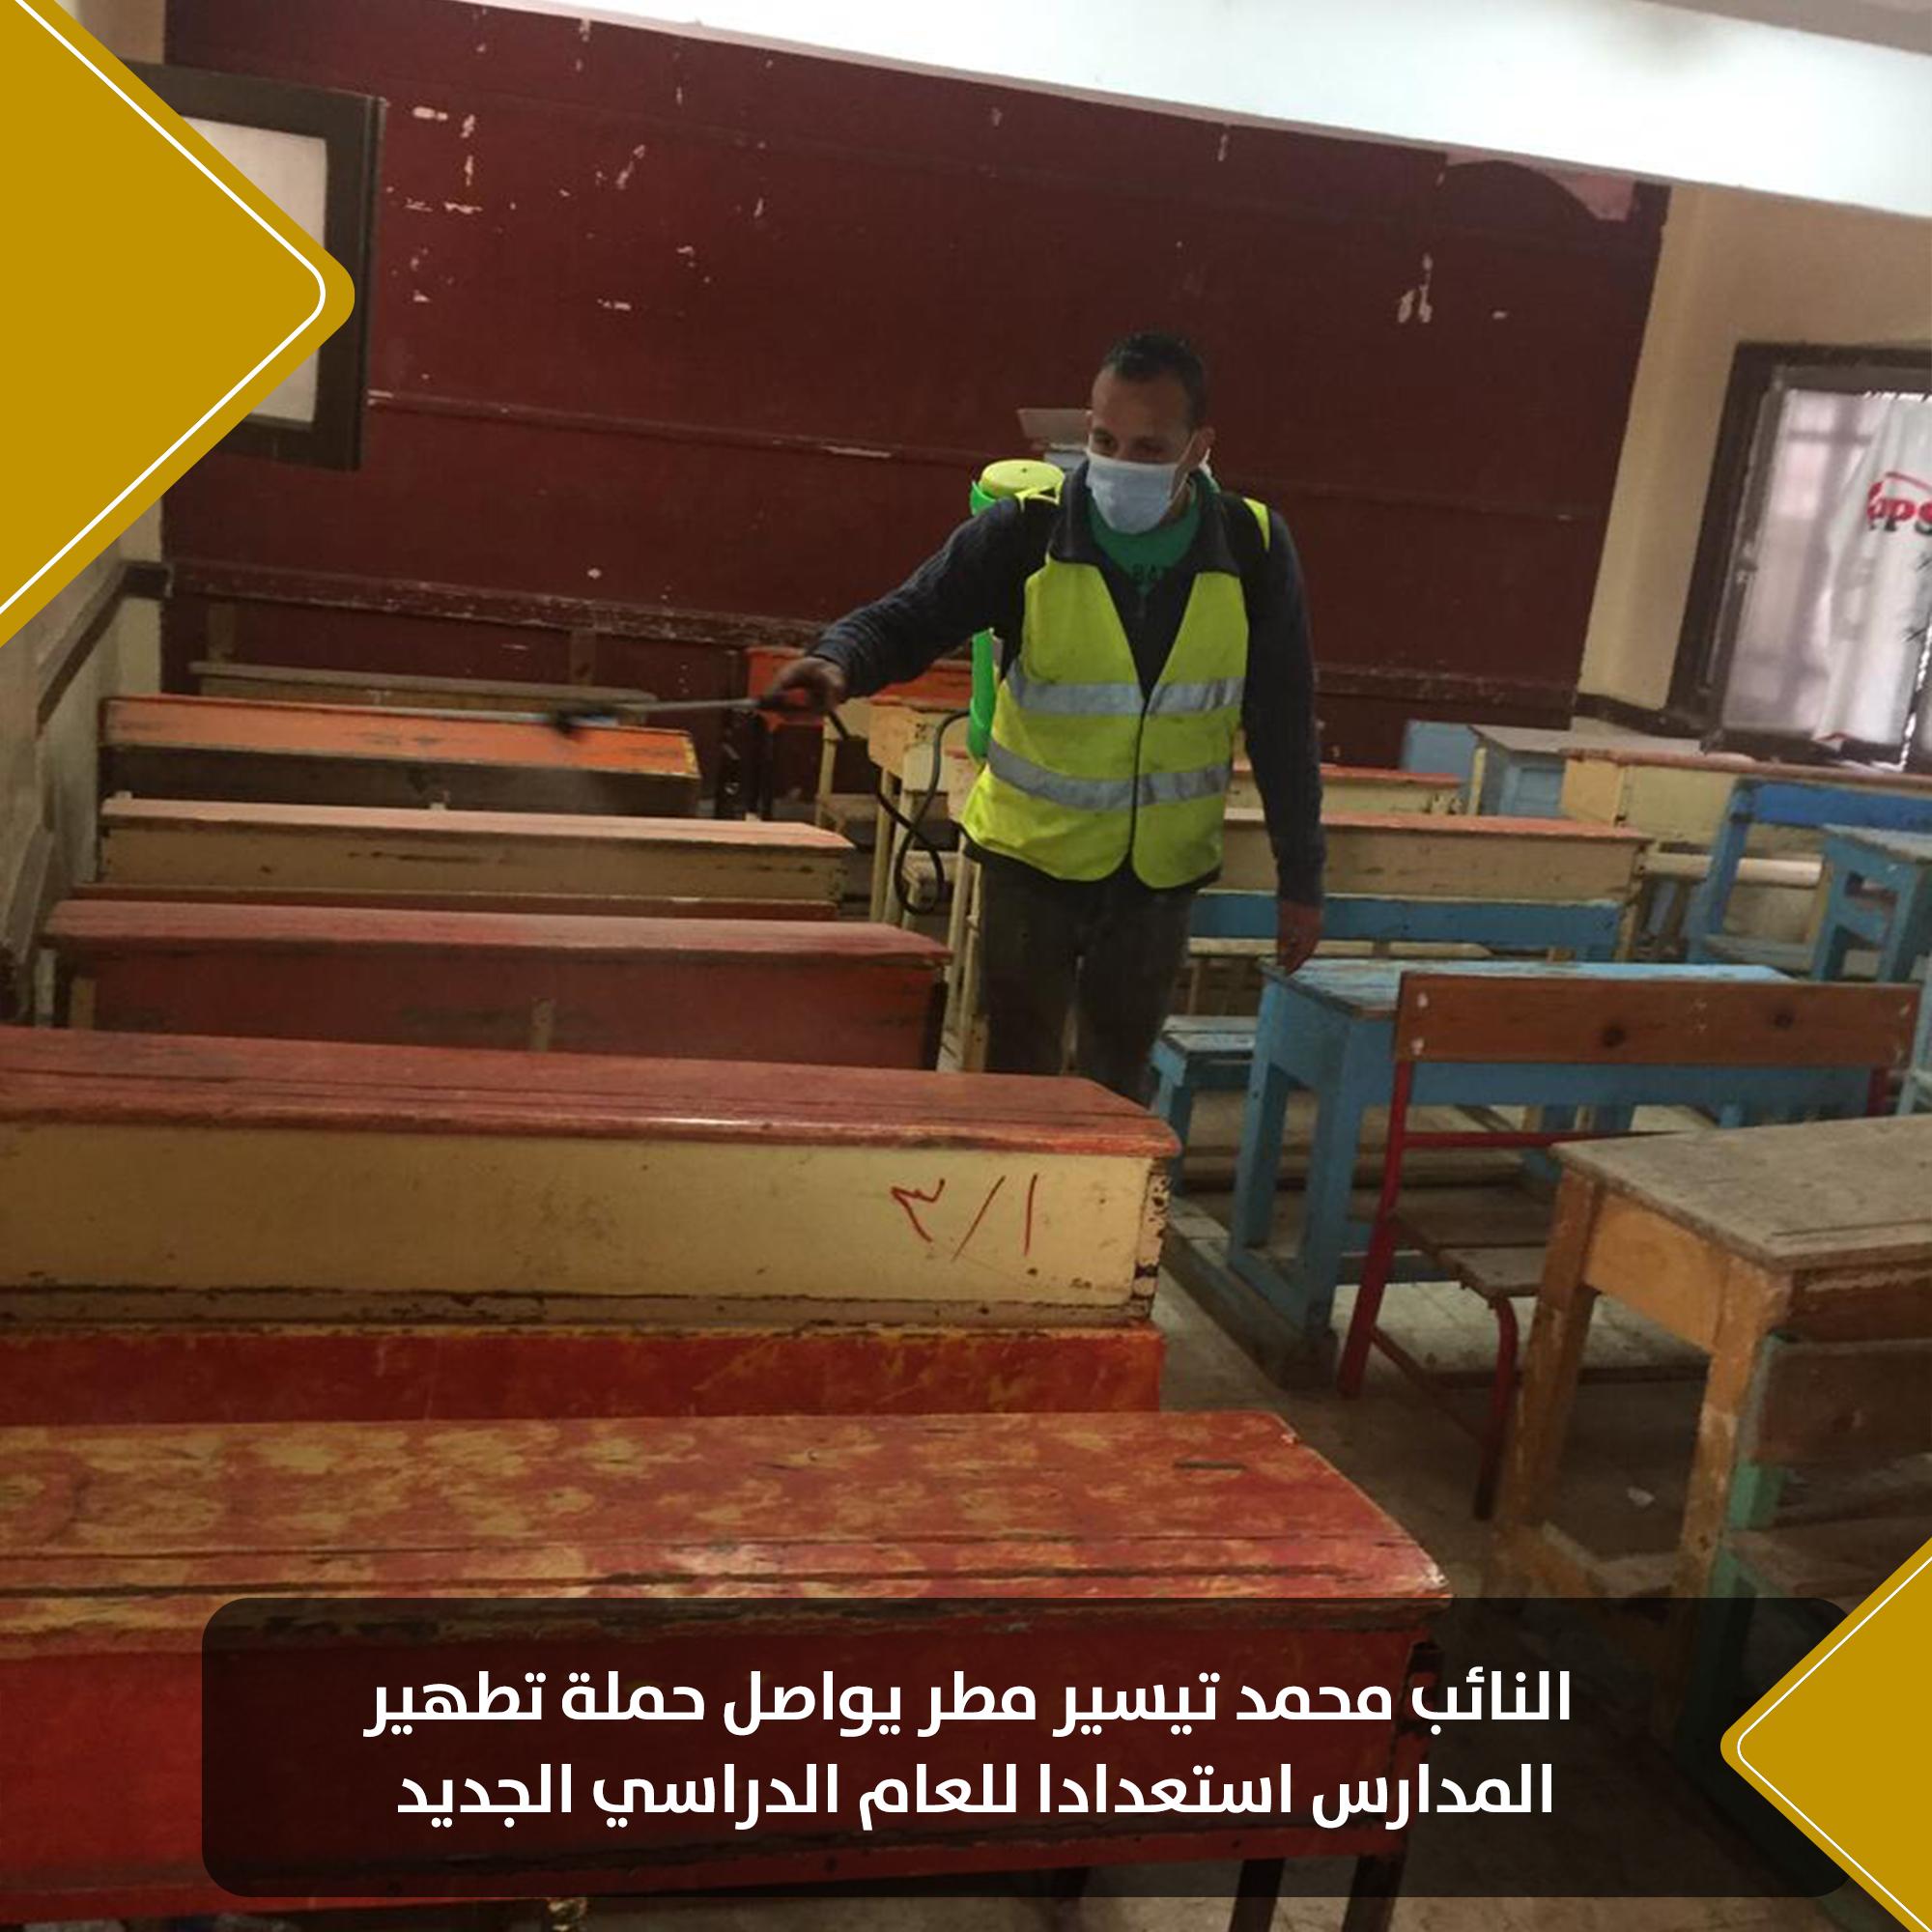 النائب محمد تيسير مطر يواصل حملة تطهير المدارسس (7)